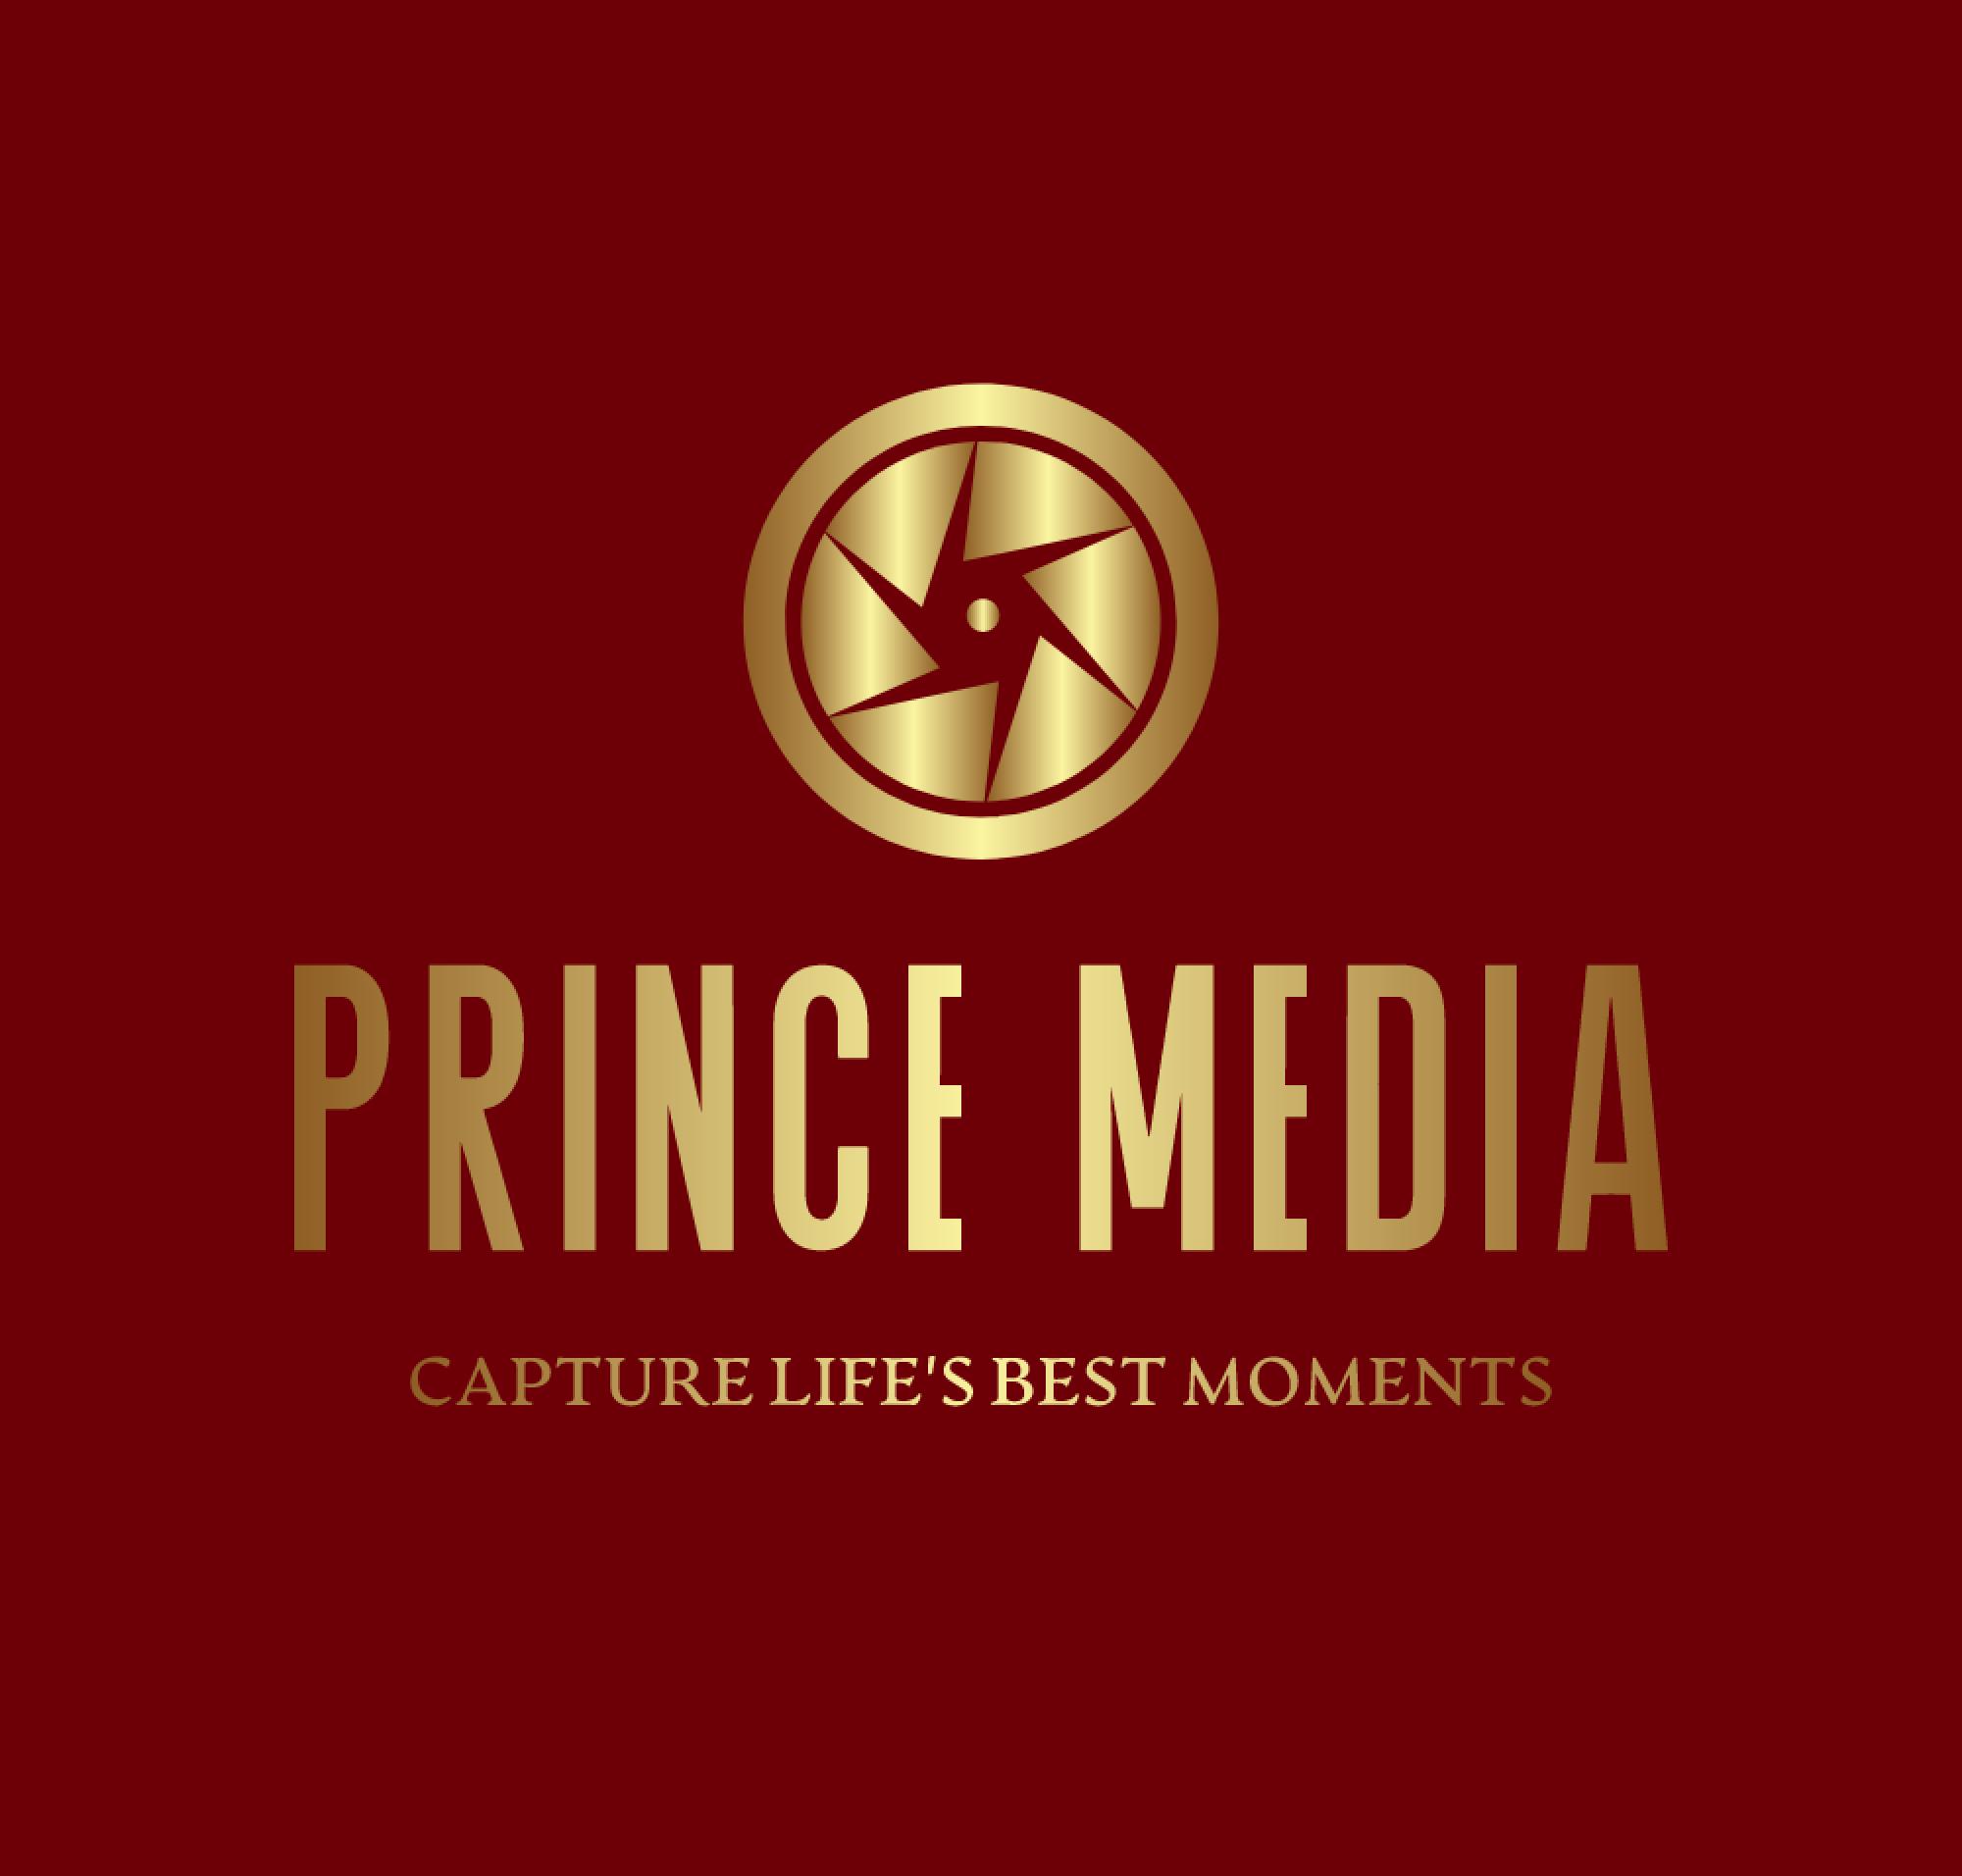 Prince Media